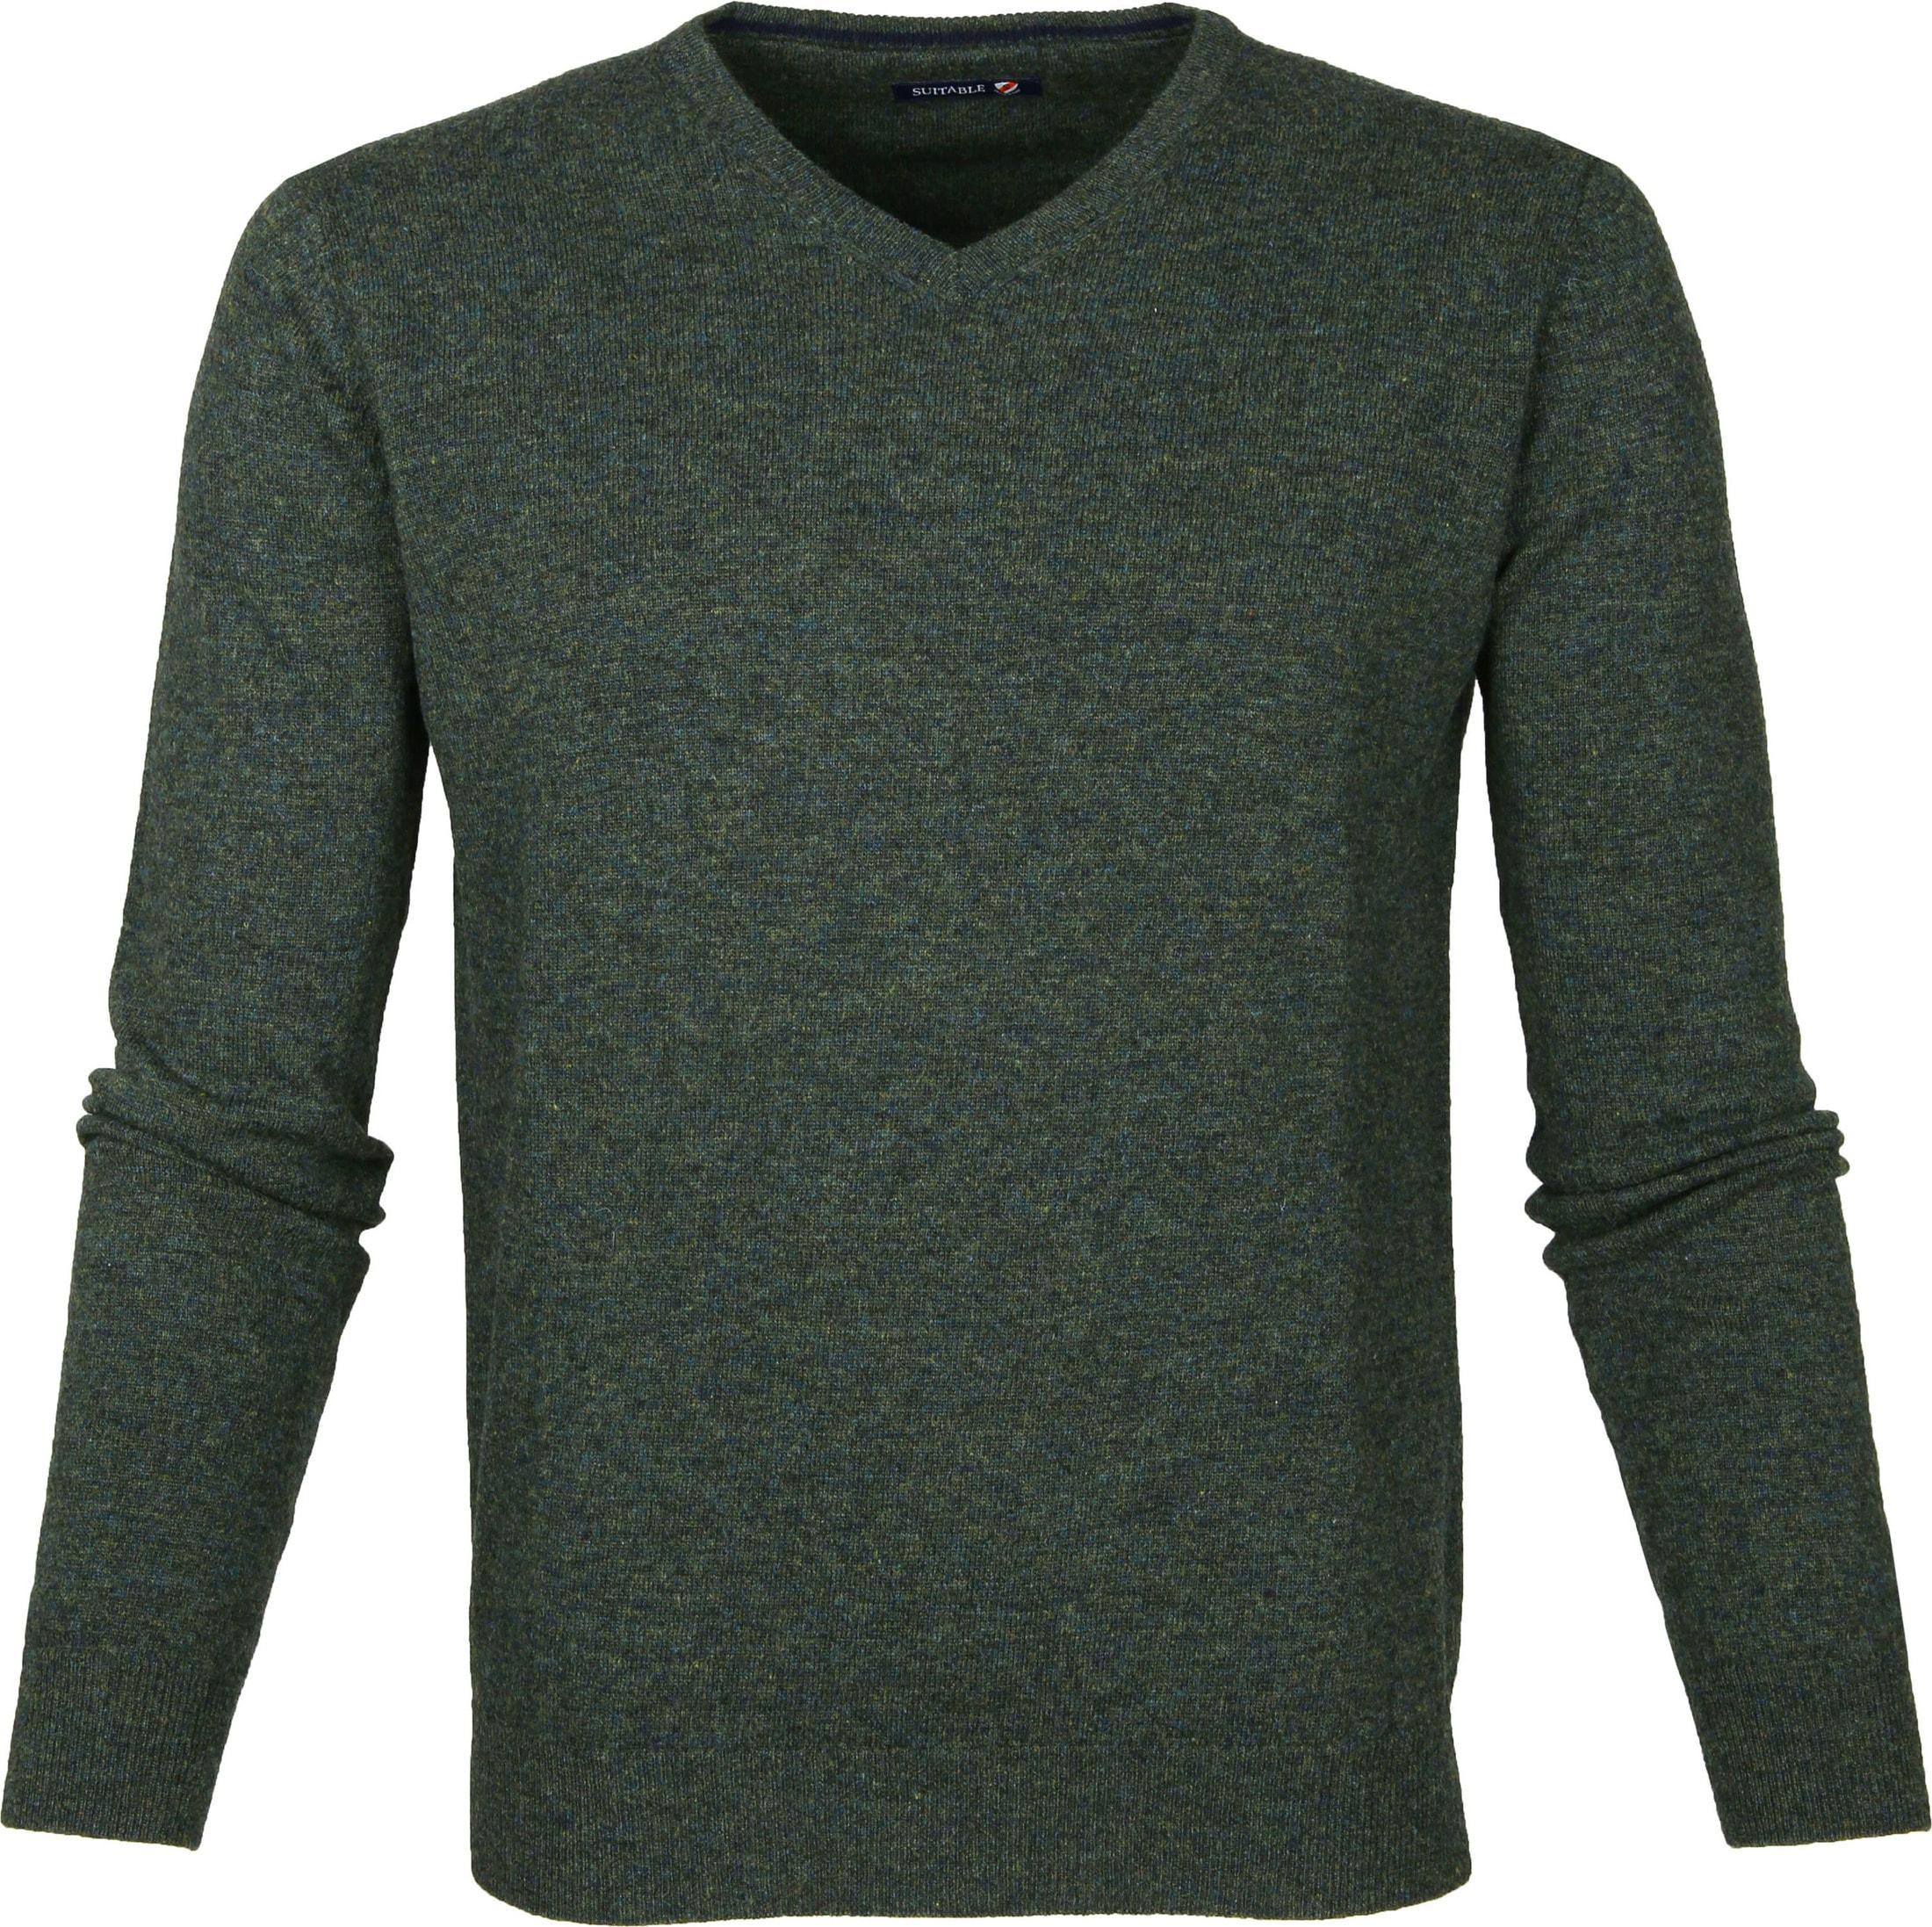 Suitable Pullover Lammwolle V-Ausschnitt Dunkelgrün foto 0